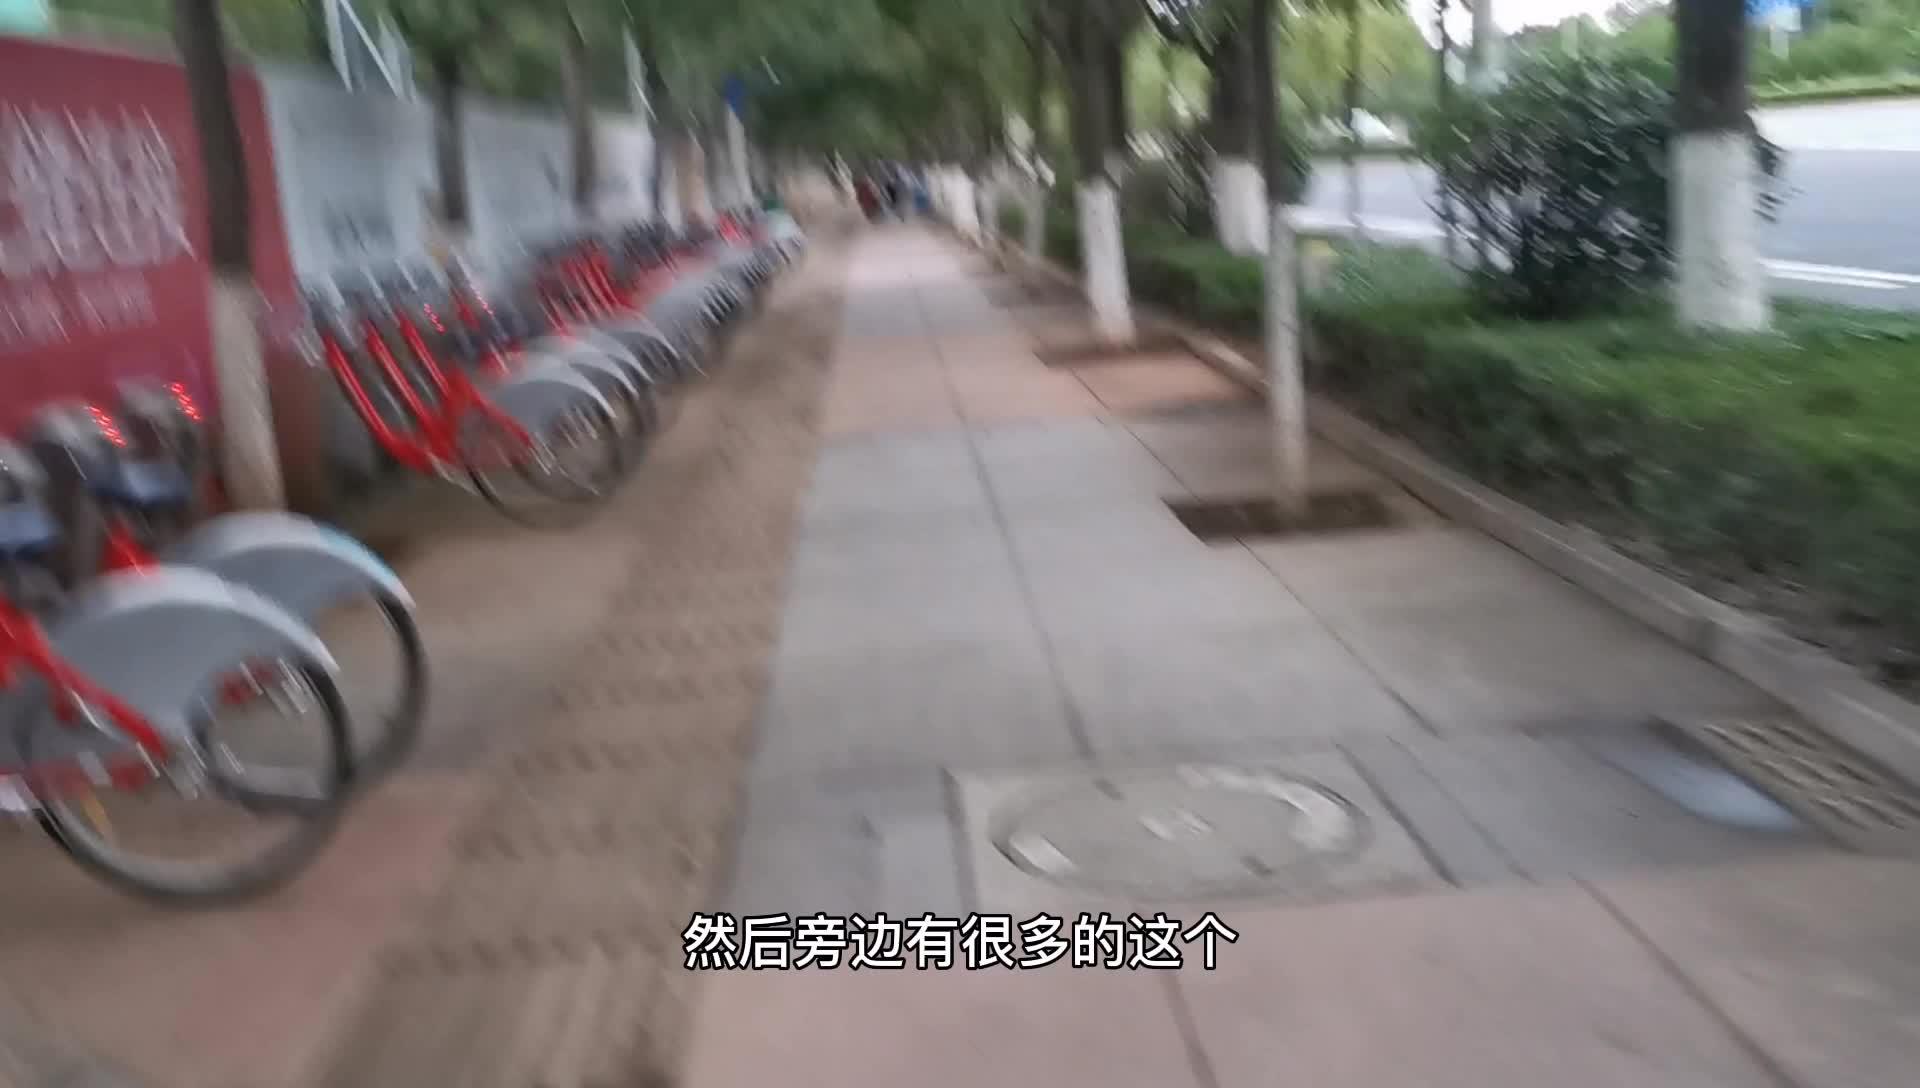 你喜欢骑公共自行车吗?